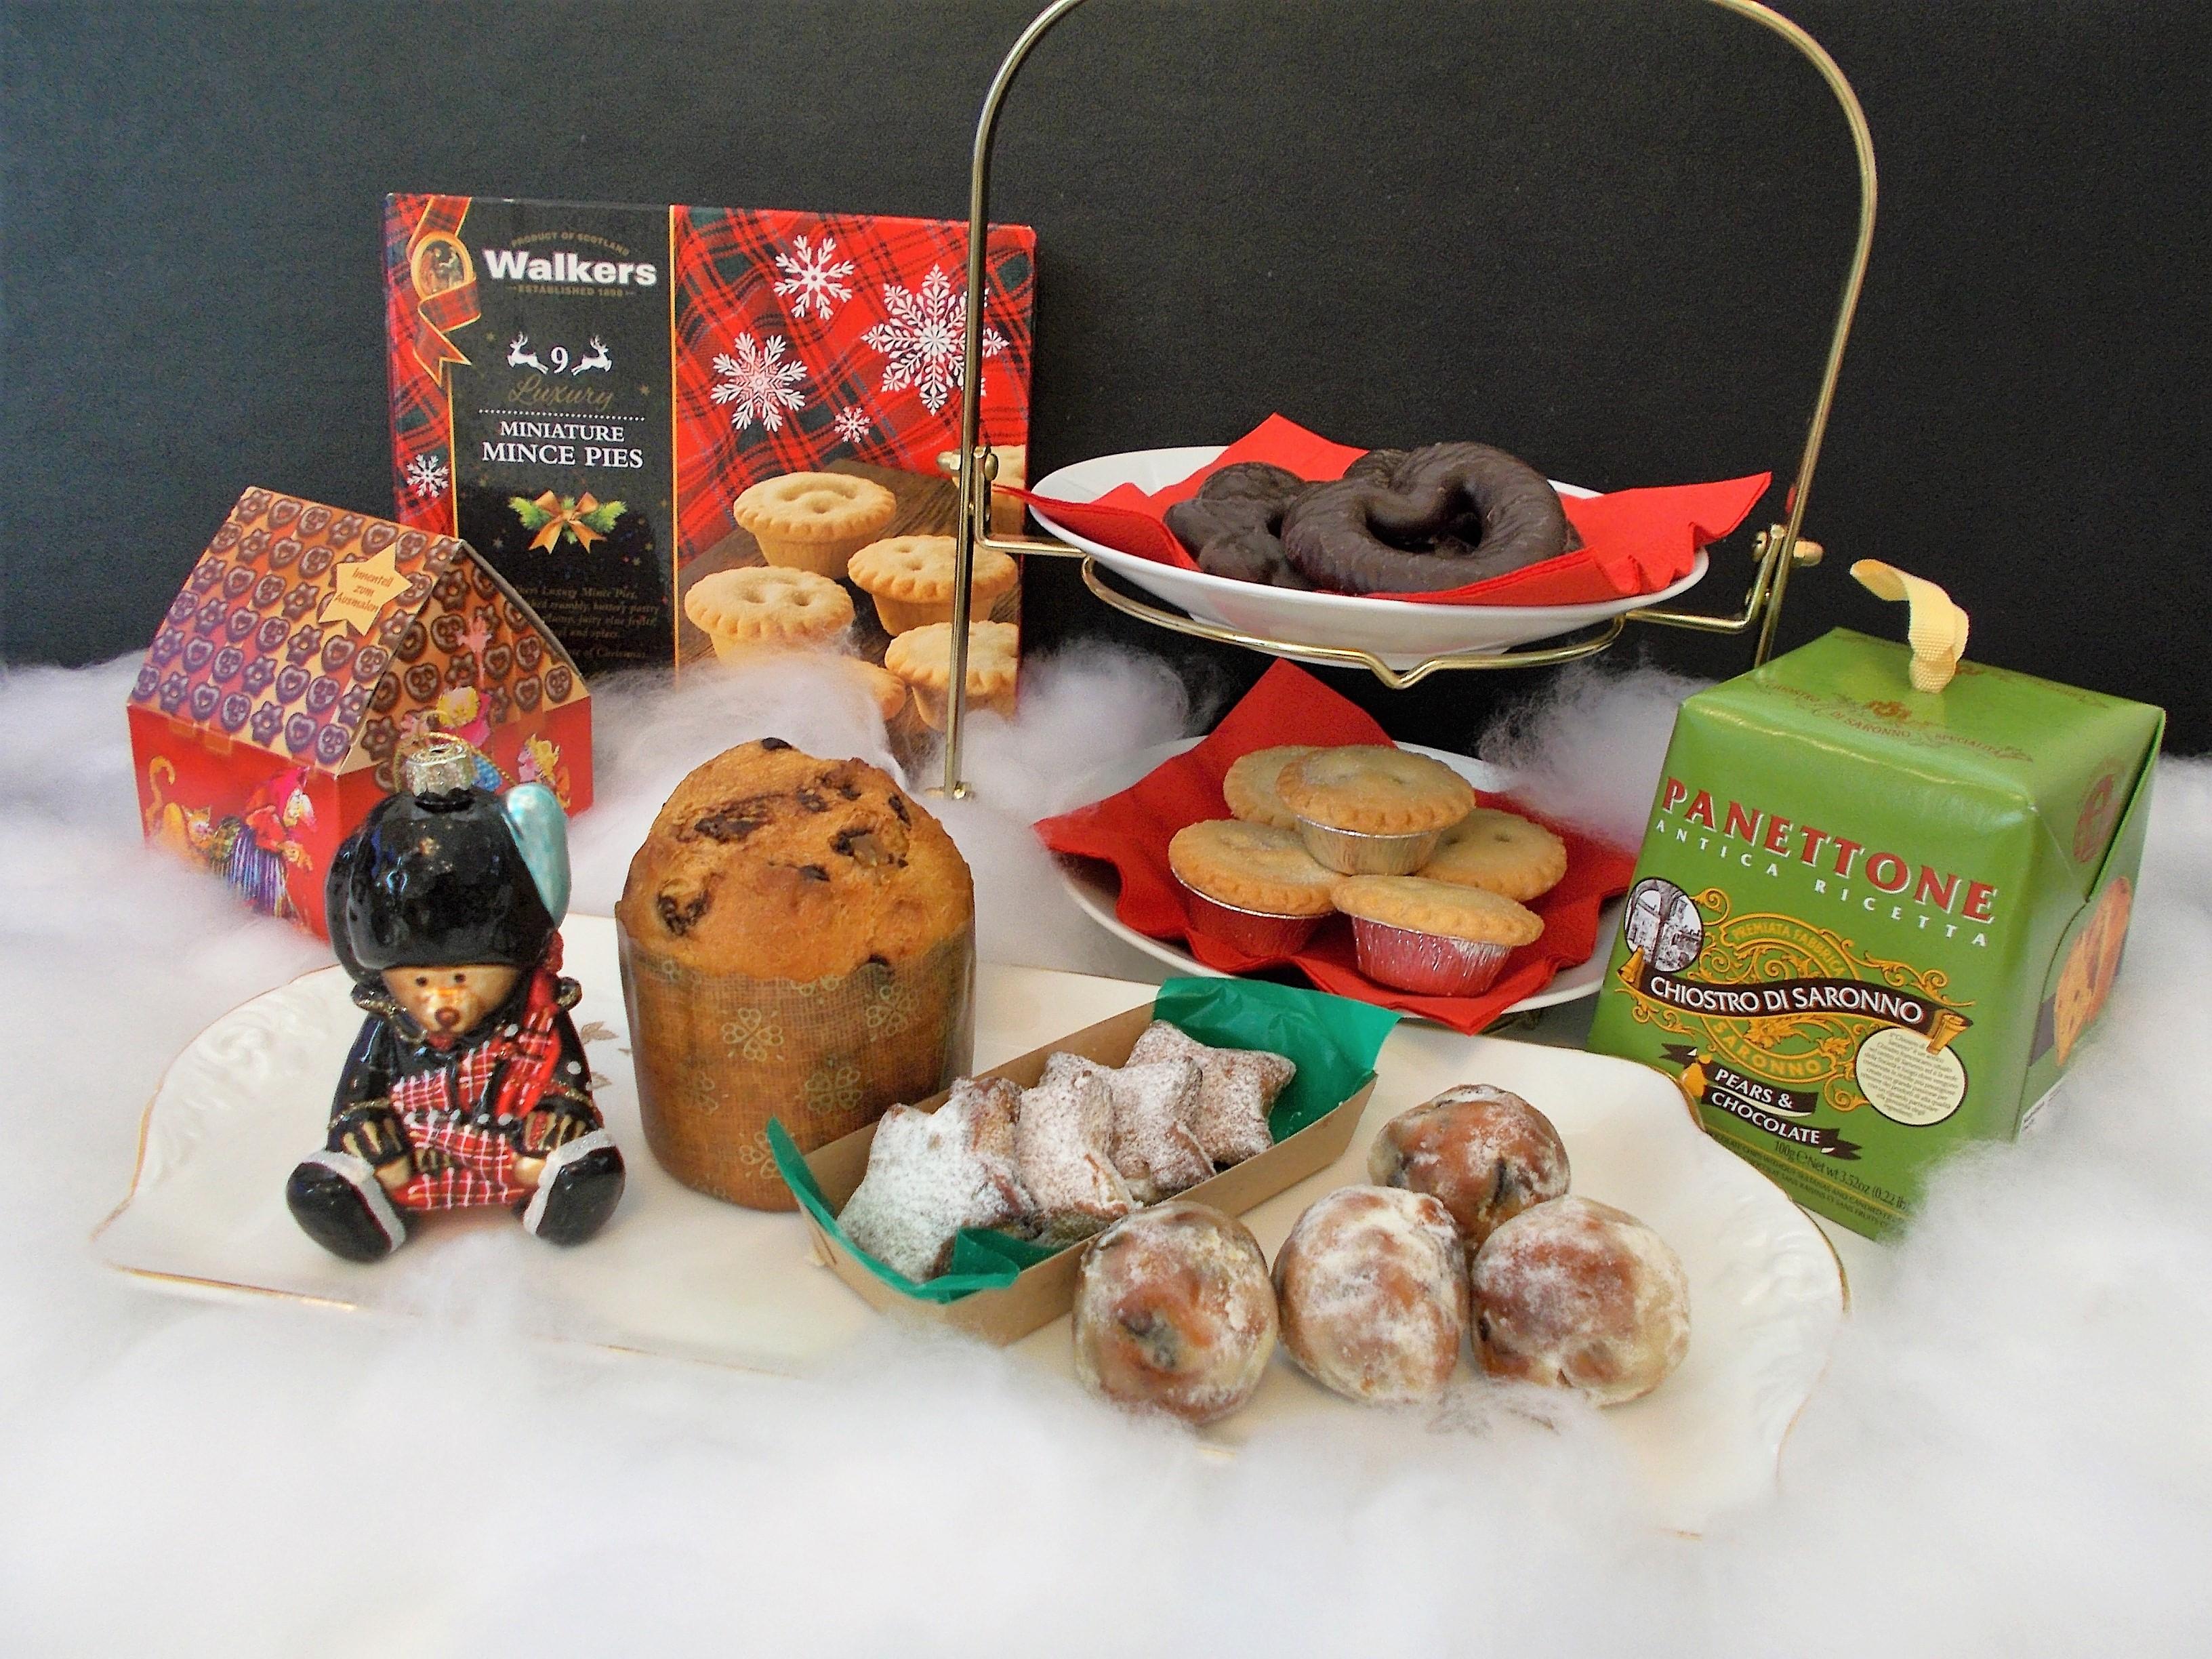 1000円以下で楽しむ♪ ヨーロッパの伝統クリスマス菓子5選